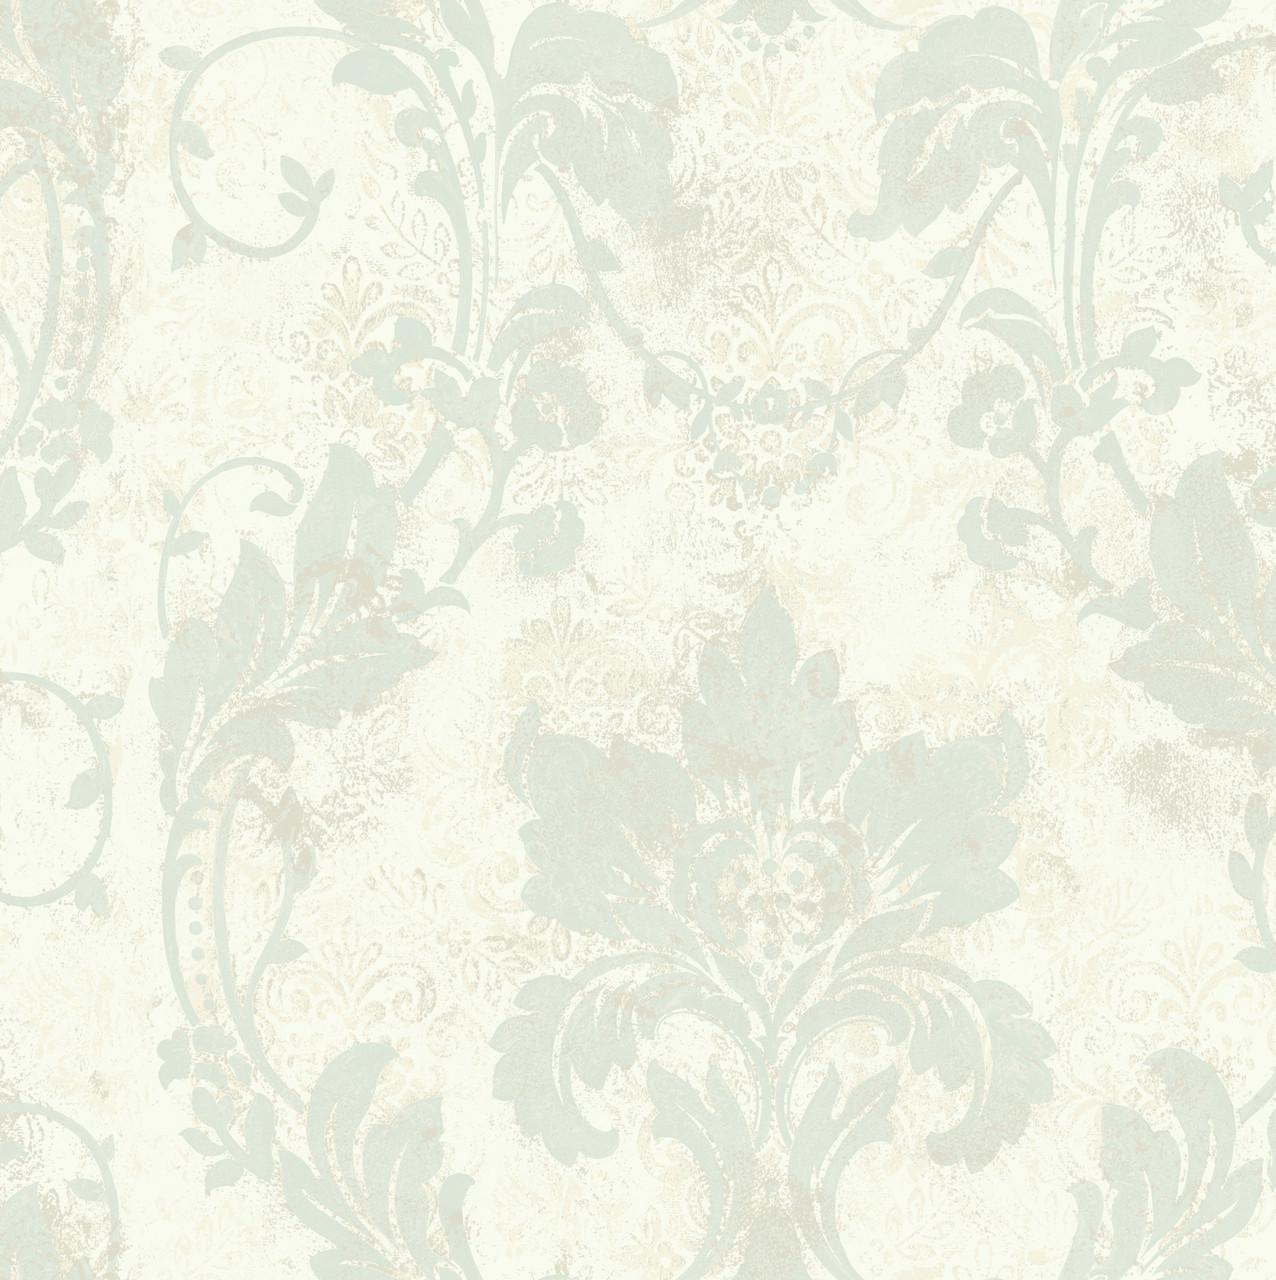 Irena Delicate Damask Sapphire Wallpaper Al13774 Indoorwallpaper Com